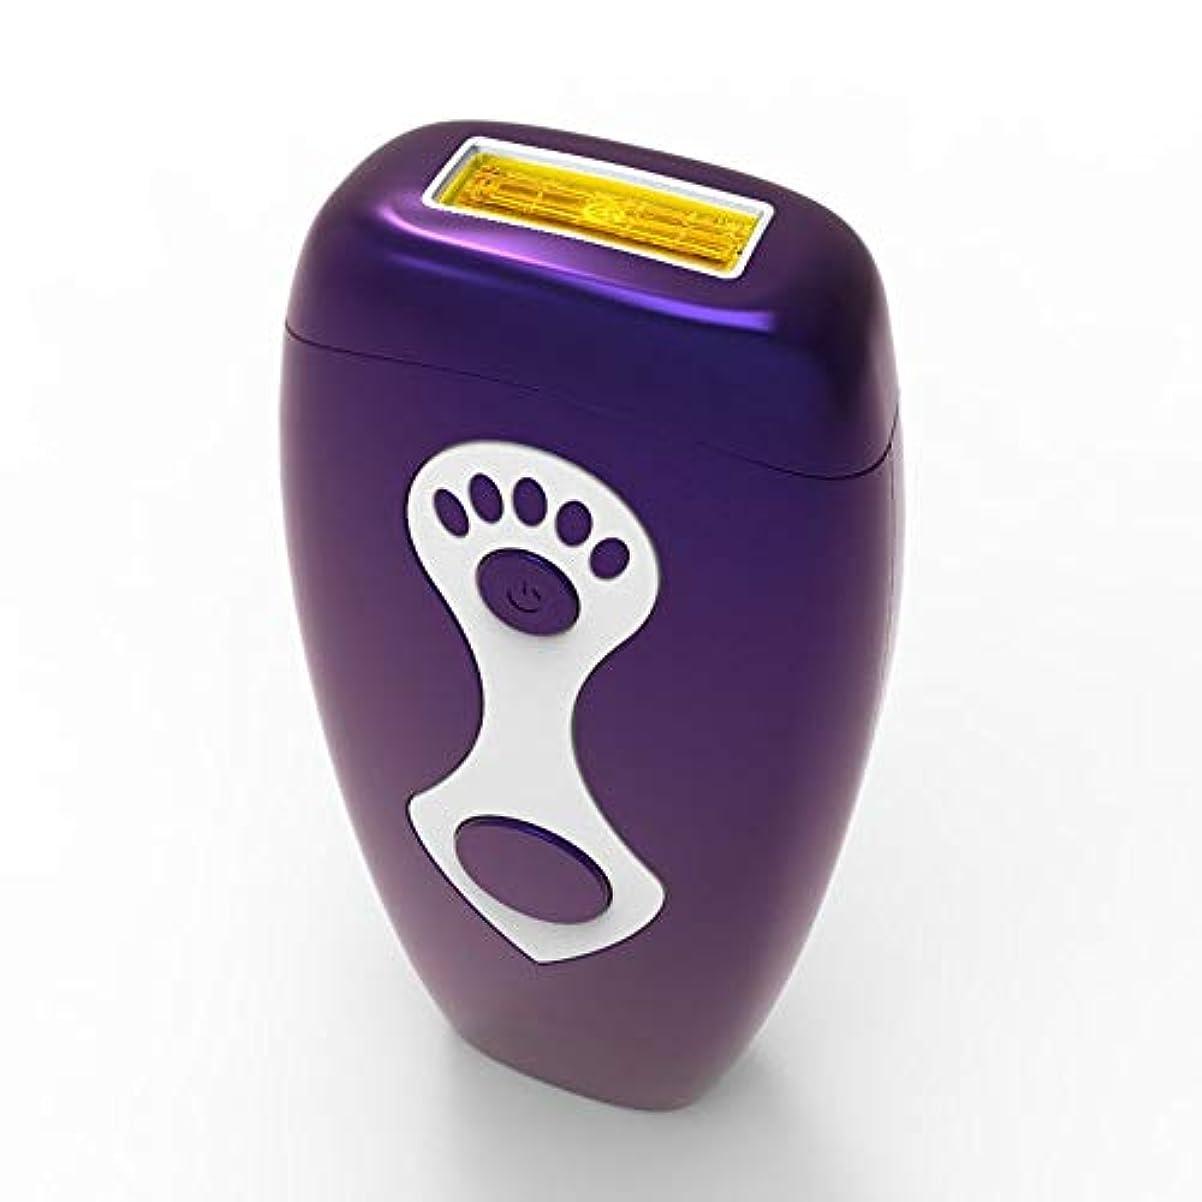 増強するハイブリッド伝染性パーマネント脱毛、家庭用ニュートラルヘアリムーバー、柔らかい肌、マルチ運動エネルギー、安全性、グレード5無料調整、サイズ7.5×16.5 Cm 快適な脱毛 (Color : Purple)